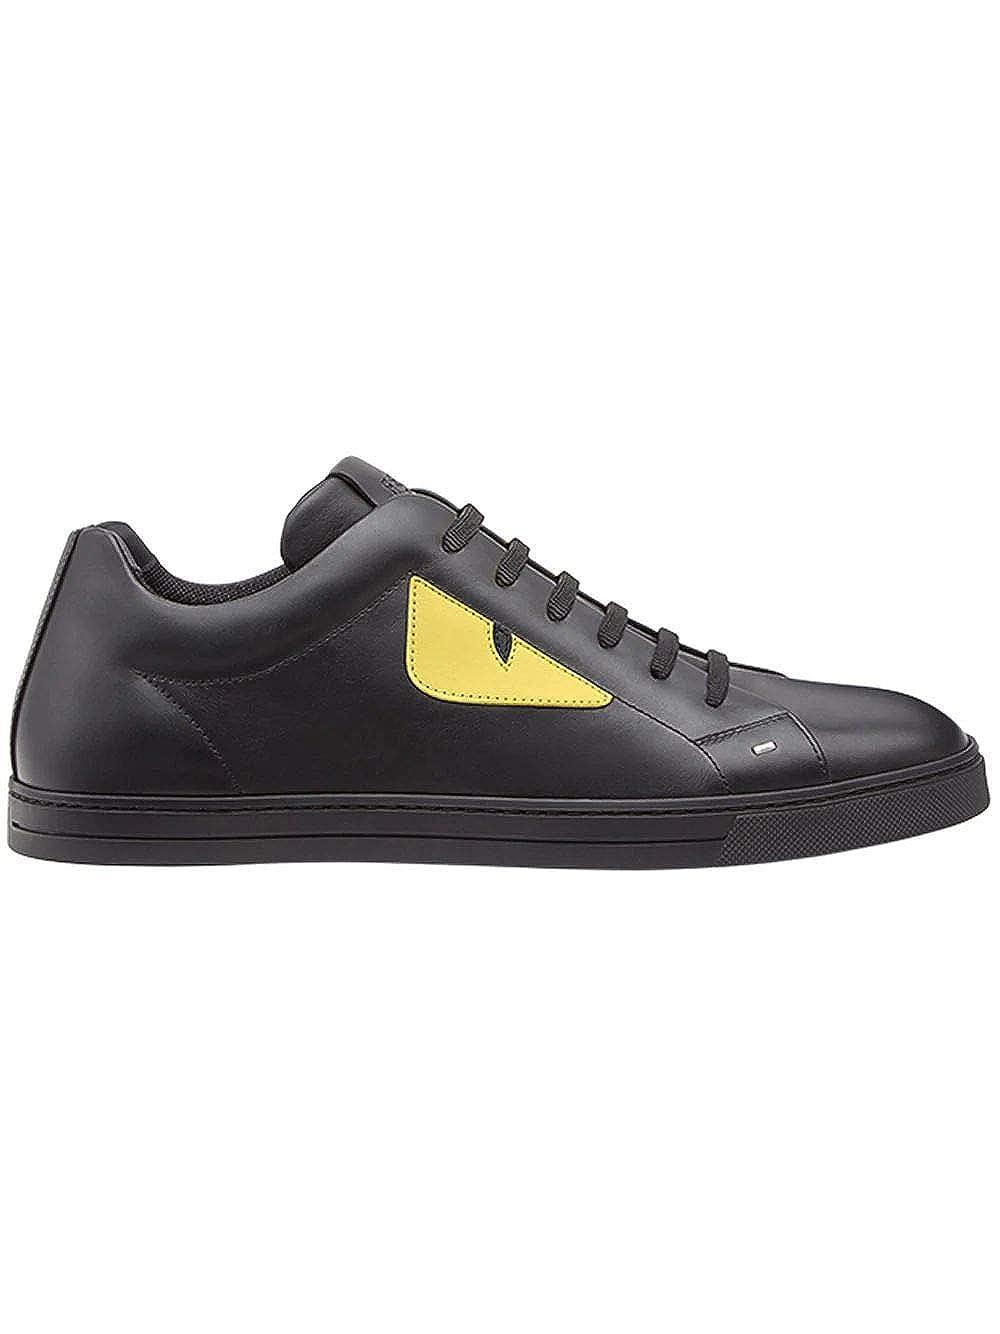 - FENDI 7E1071TTYF07OM - Hauszapatos de Piel para Hombre, color negro